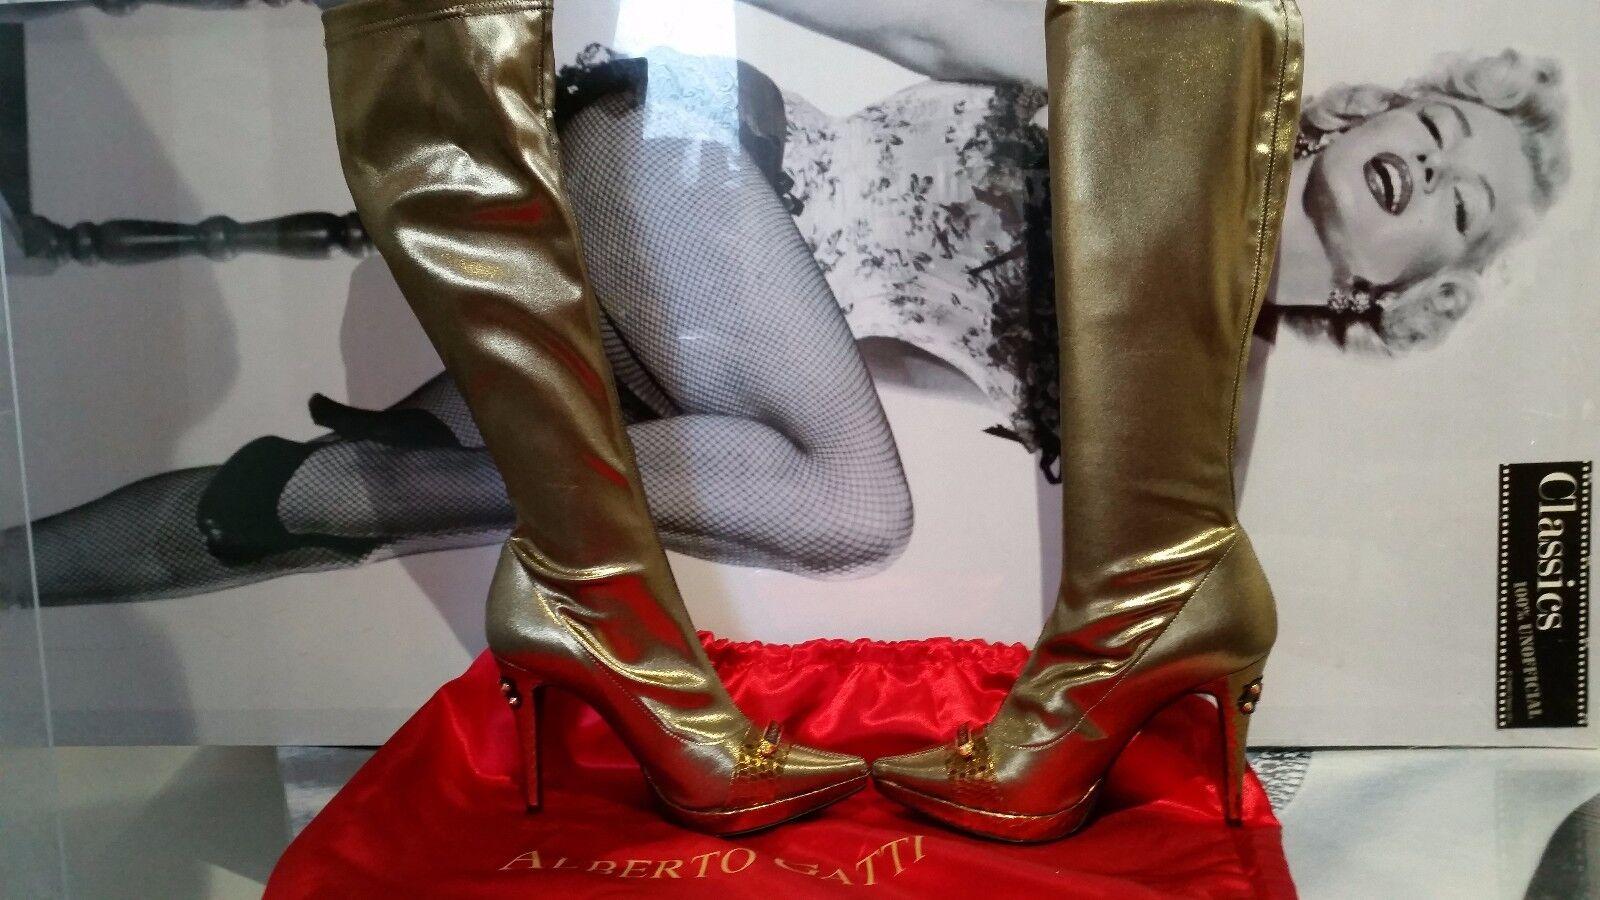 Stivali Donna Alberto Gatti puntato su ginocchio Stretch Sparkle 36 oro tacchi 3 EU 36 Sparkle d9a0d8